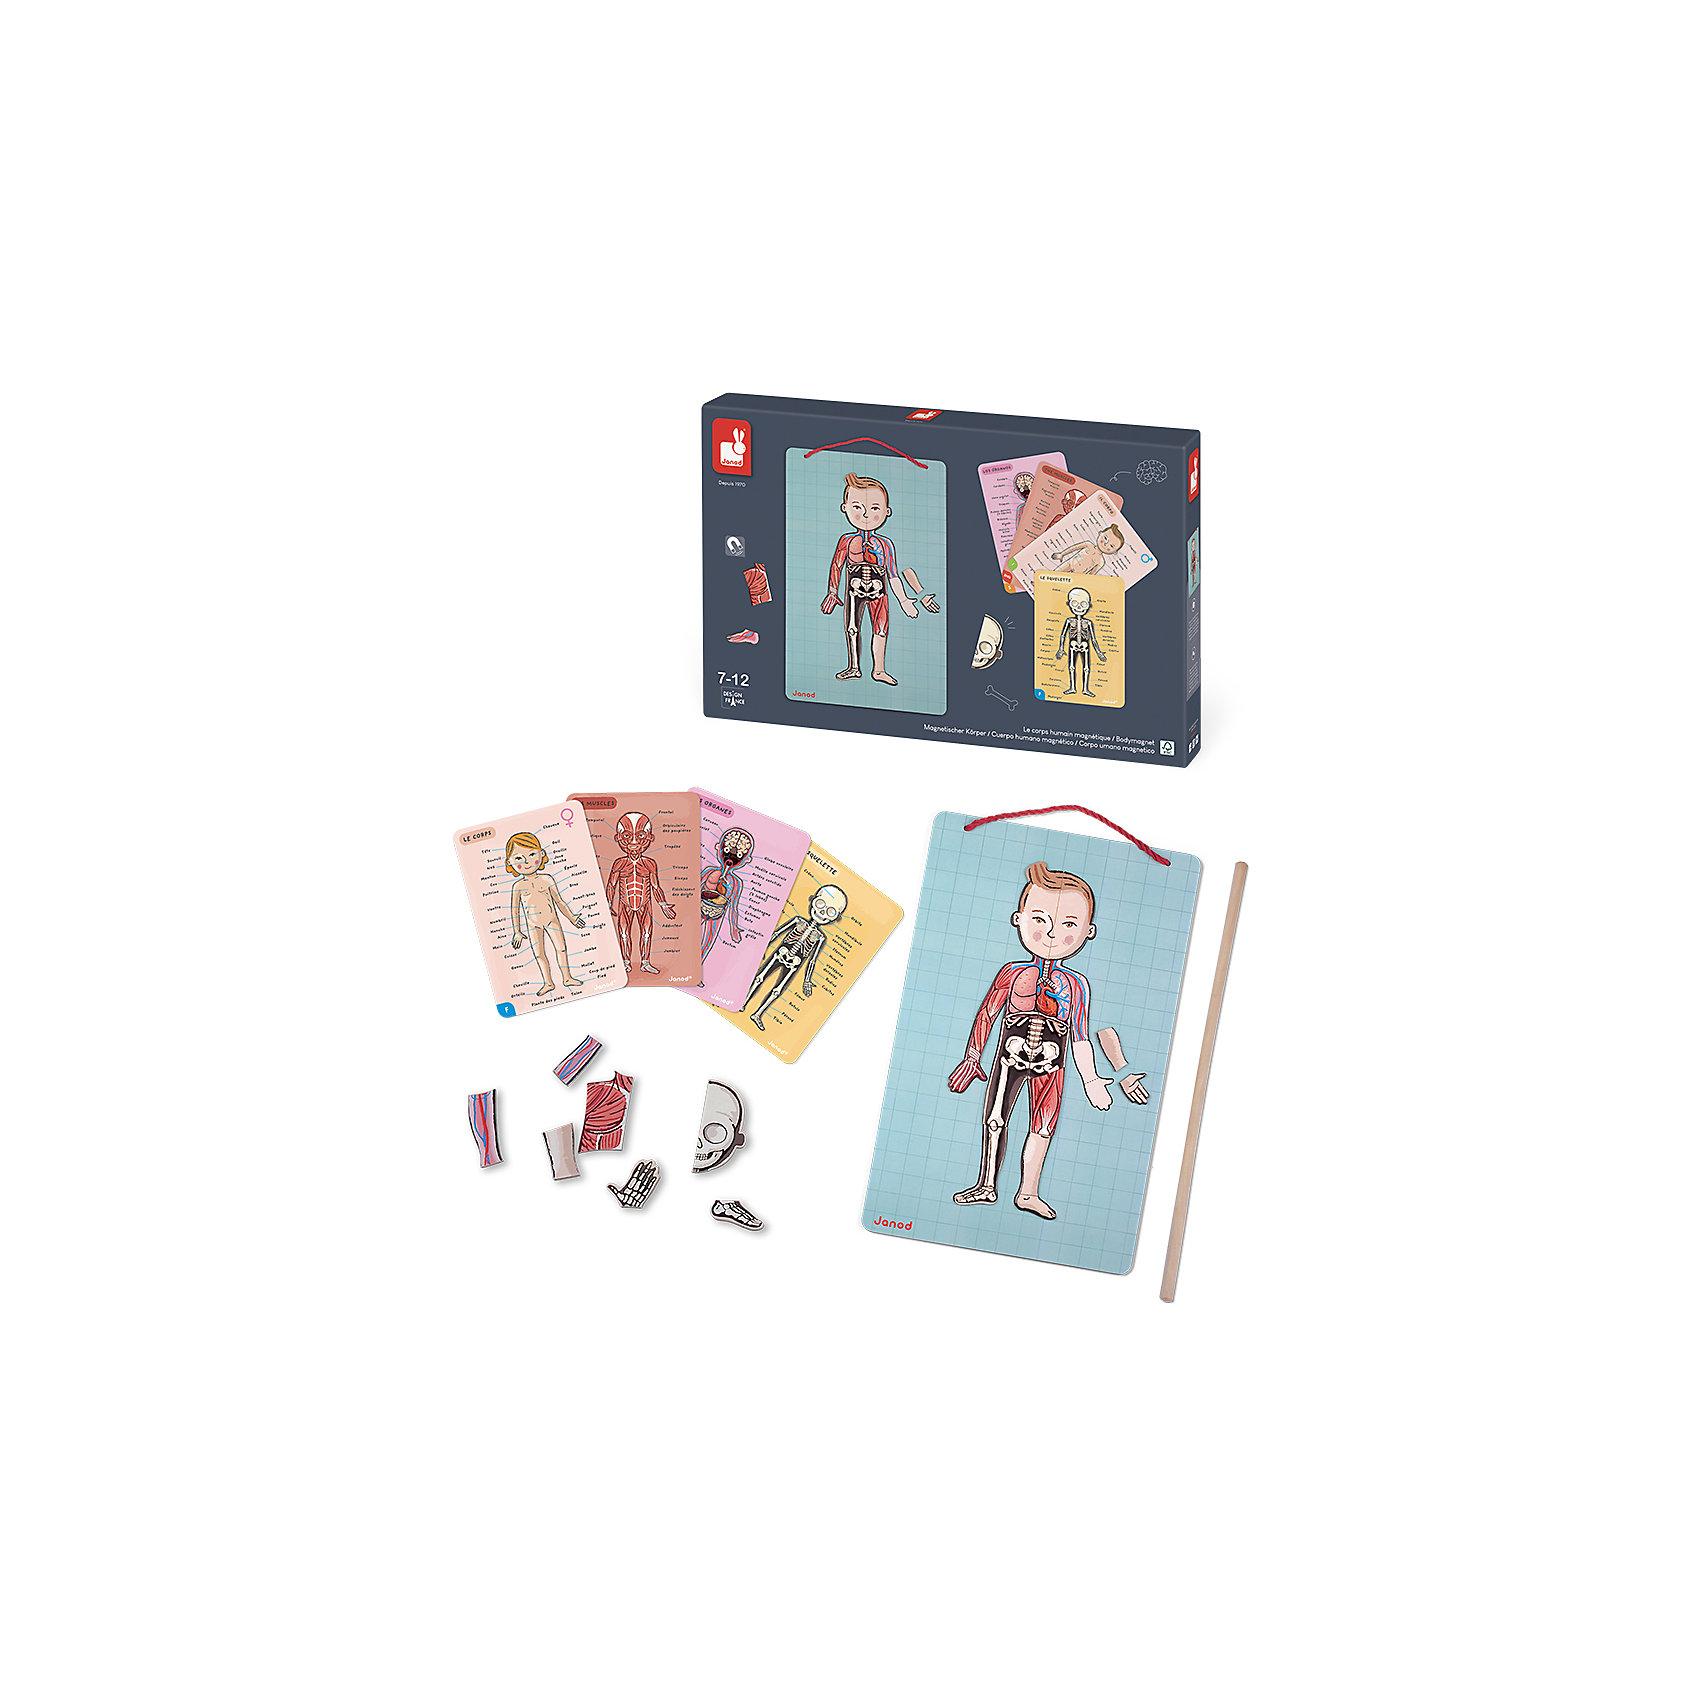 Карточки -магниты Части тела, JanodМагнитные фигурки - отличный способ развивать творческие способности ребенка в игровой форме. Эта игра очень удобна - ее можно брать с собой в дорогу, благодаря продуманной форме хранится она очень компактно. Она развивает также мелкую моторику, художественный вкус, воображение, логическое мышление, цветовосприятие. Такая игра надолго занимает детей и помогает увлекательно провести время!<br>Игра из магнитных деталей Части тела сделана в виде карточек, а также содержатся магнитов разных форм и цветов, изображающих внутренние органы и части тела. Игра разработана опытными специалистами, сделана из высококачественных материалов, безопасных для детей.<br><br>Дополнительная информация:<br><br>материал: картон;<br>размер: 43 х 5 х 28 см;<br>комплектация: указка, магнитная доска с фигурой человека, 76 магнитов , 4 карточки на русском языке с подробным описанием строения человеческого тела .<br><br>Карточки -магниты Части тела от компании Janod можно купить в нашем магазине.<br><br>Ширина мм: 430<br>Глубина мм: 280<br>Высота мм: 50<br>Вес г: 1890<br>Возраст от месяцев: 84<br>Возраст до месяцев: 144<br>Пол: Унисекс<br>Возраст: Детский<br>SKU: 3219333